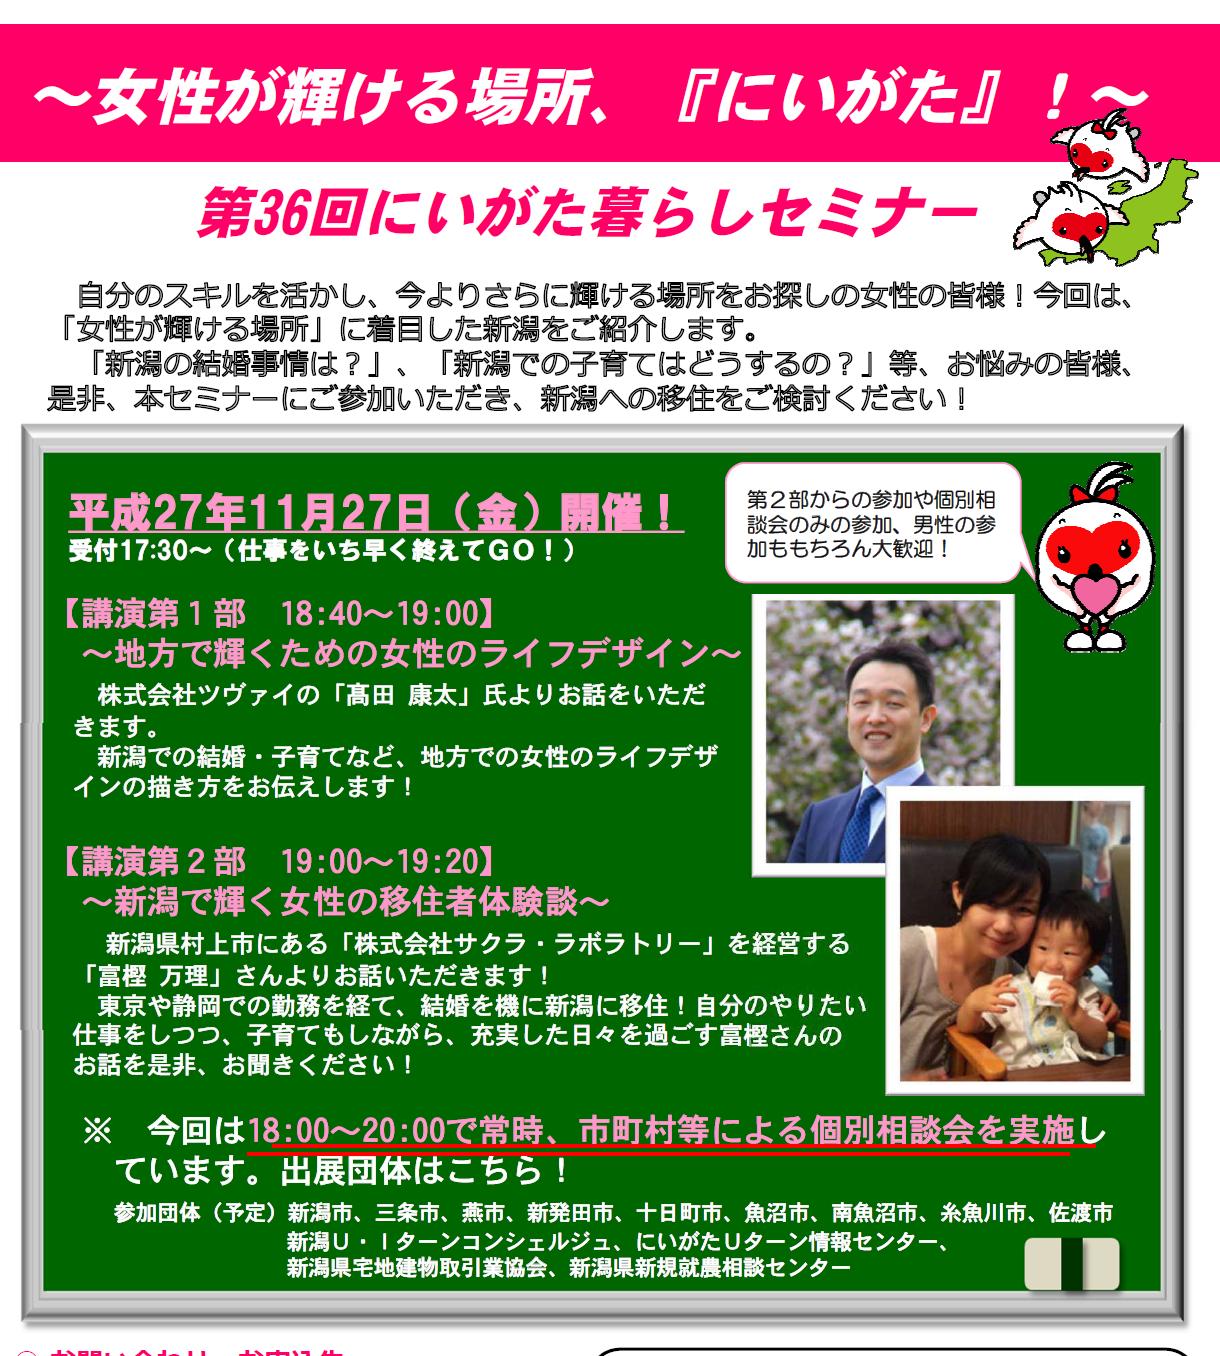 【新潟県】にいがた暮らしセミナー~女性が輝ける場所、『にいがた』!~